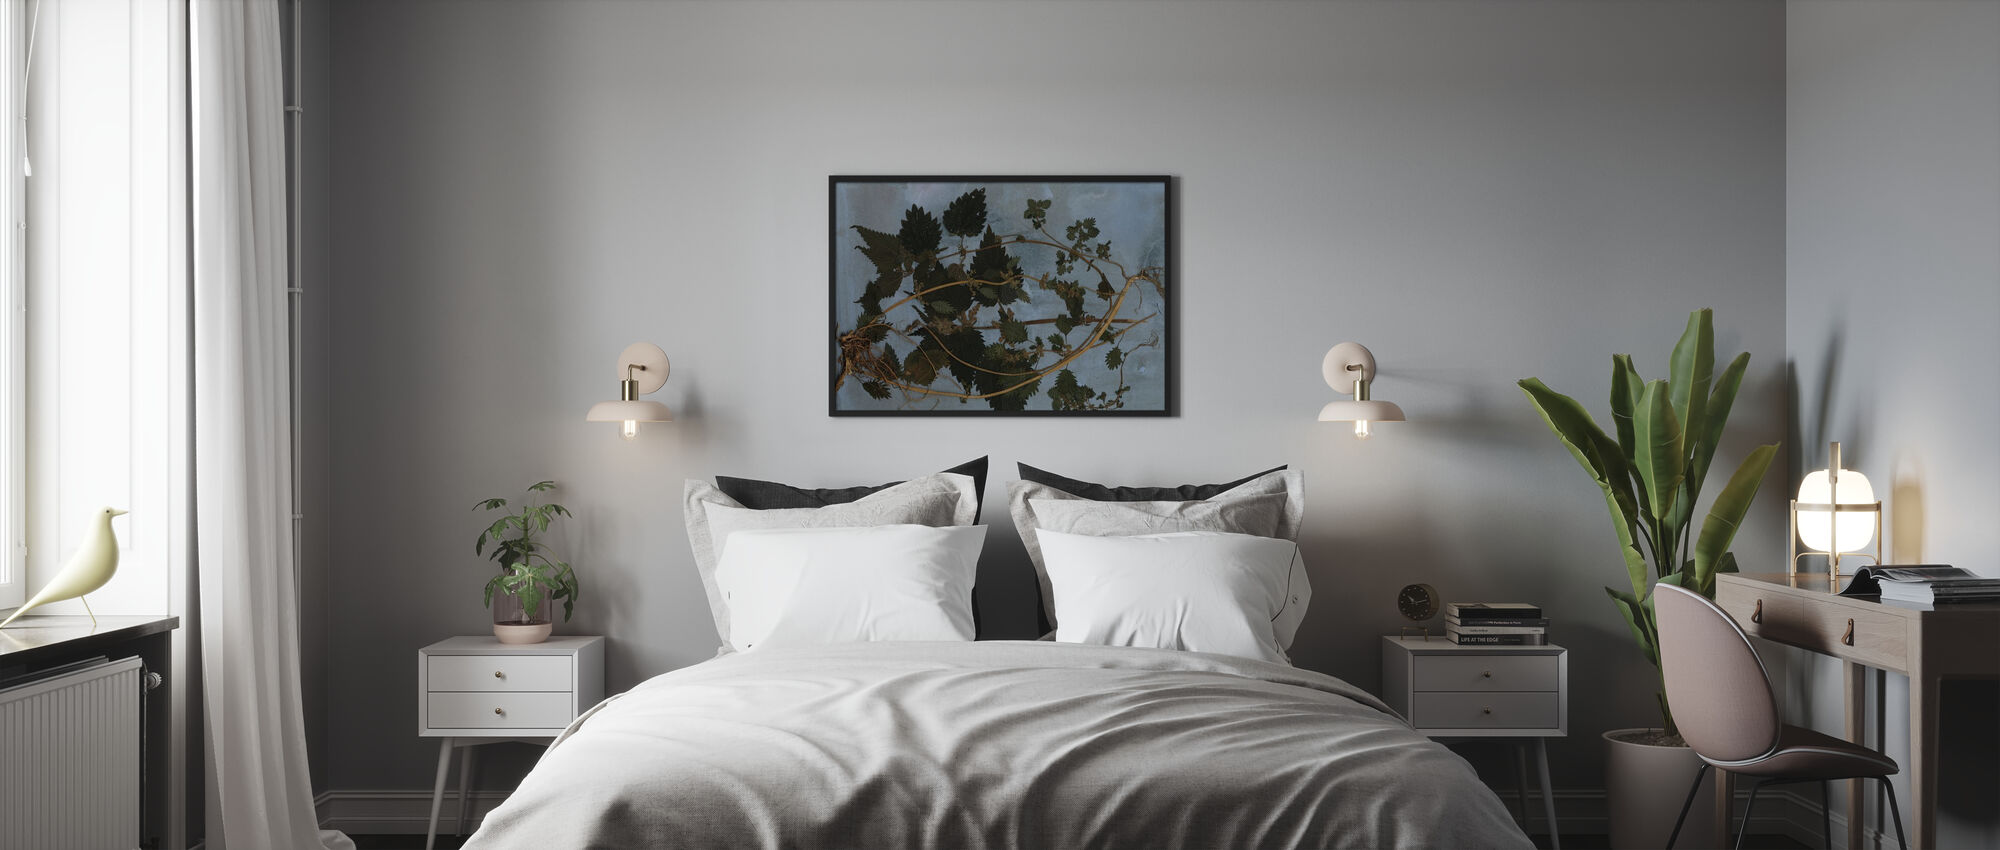 Nässlor - Inramad tavla - Sovrum